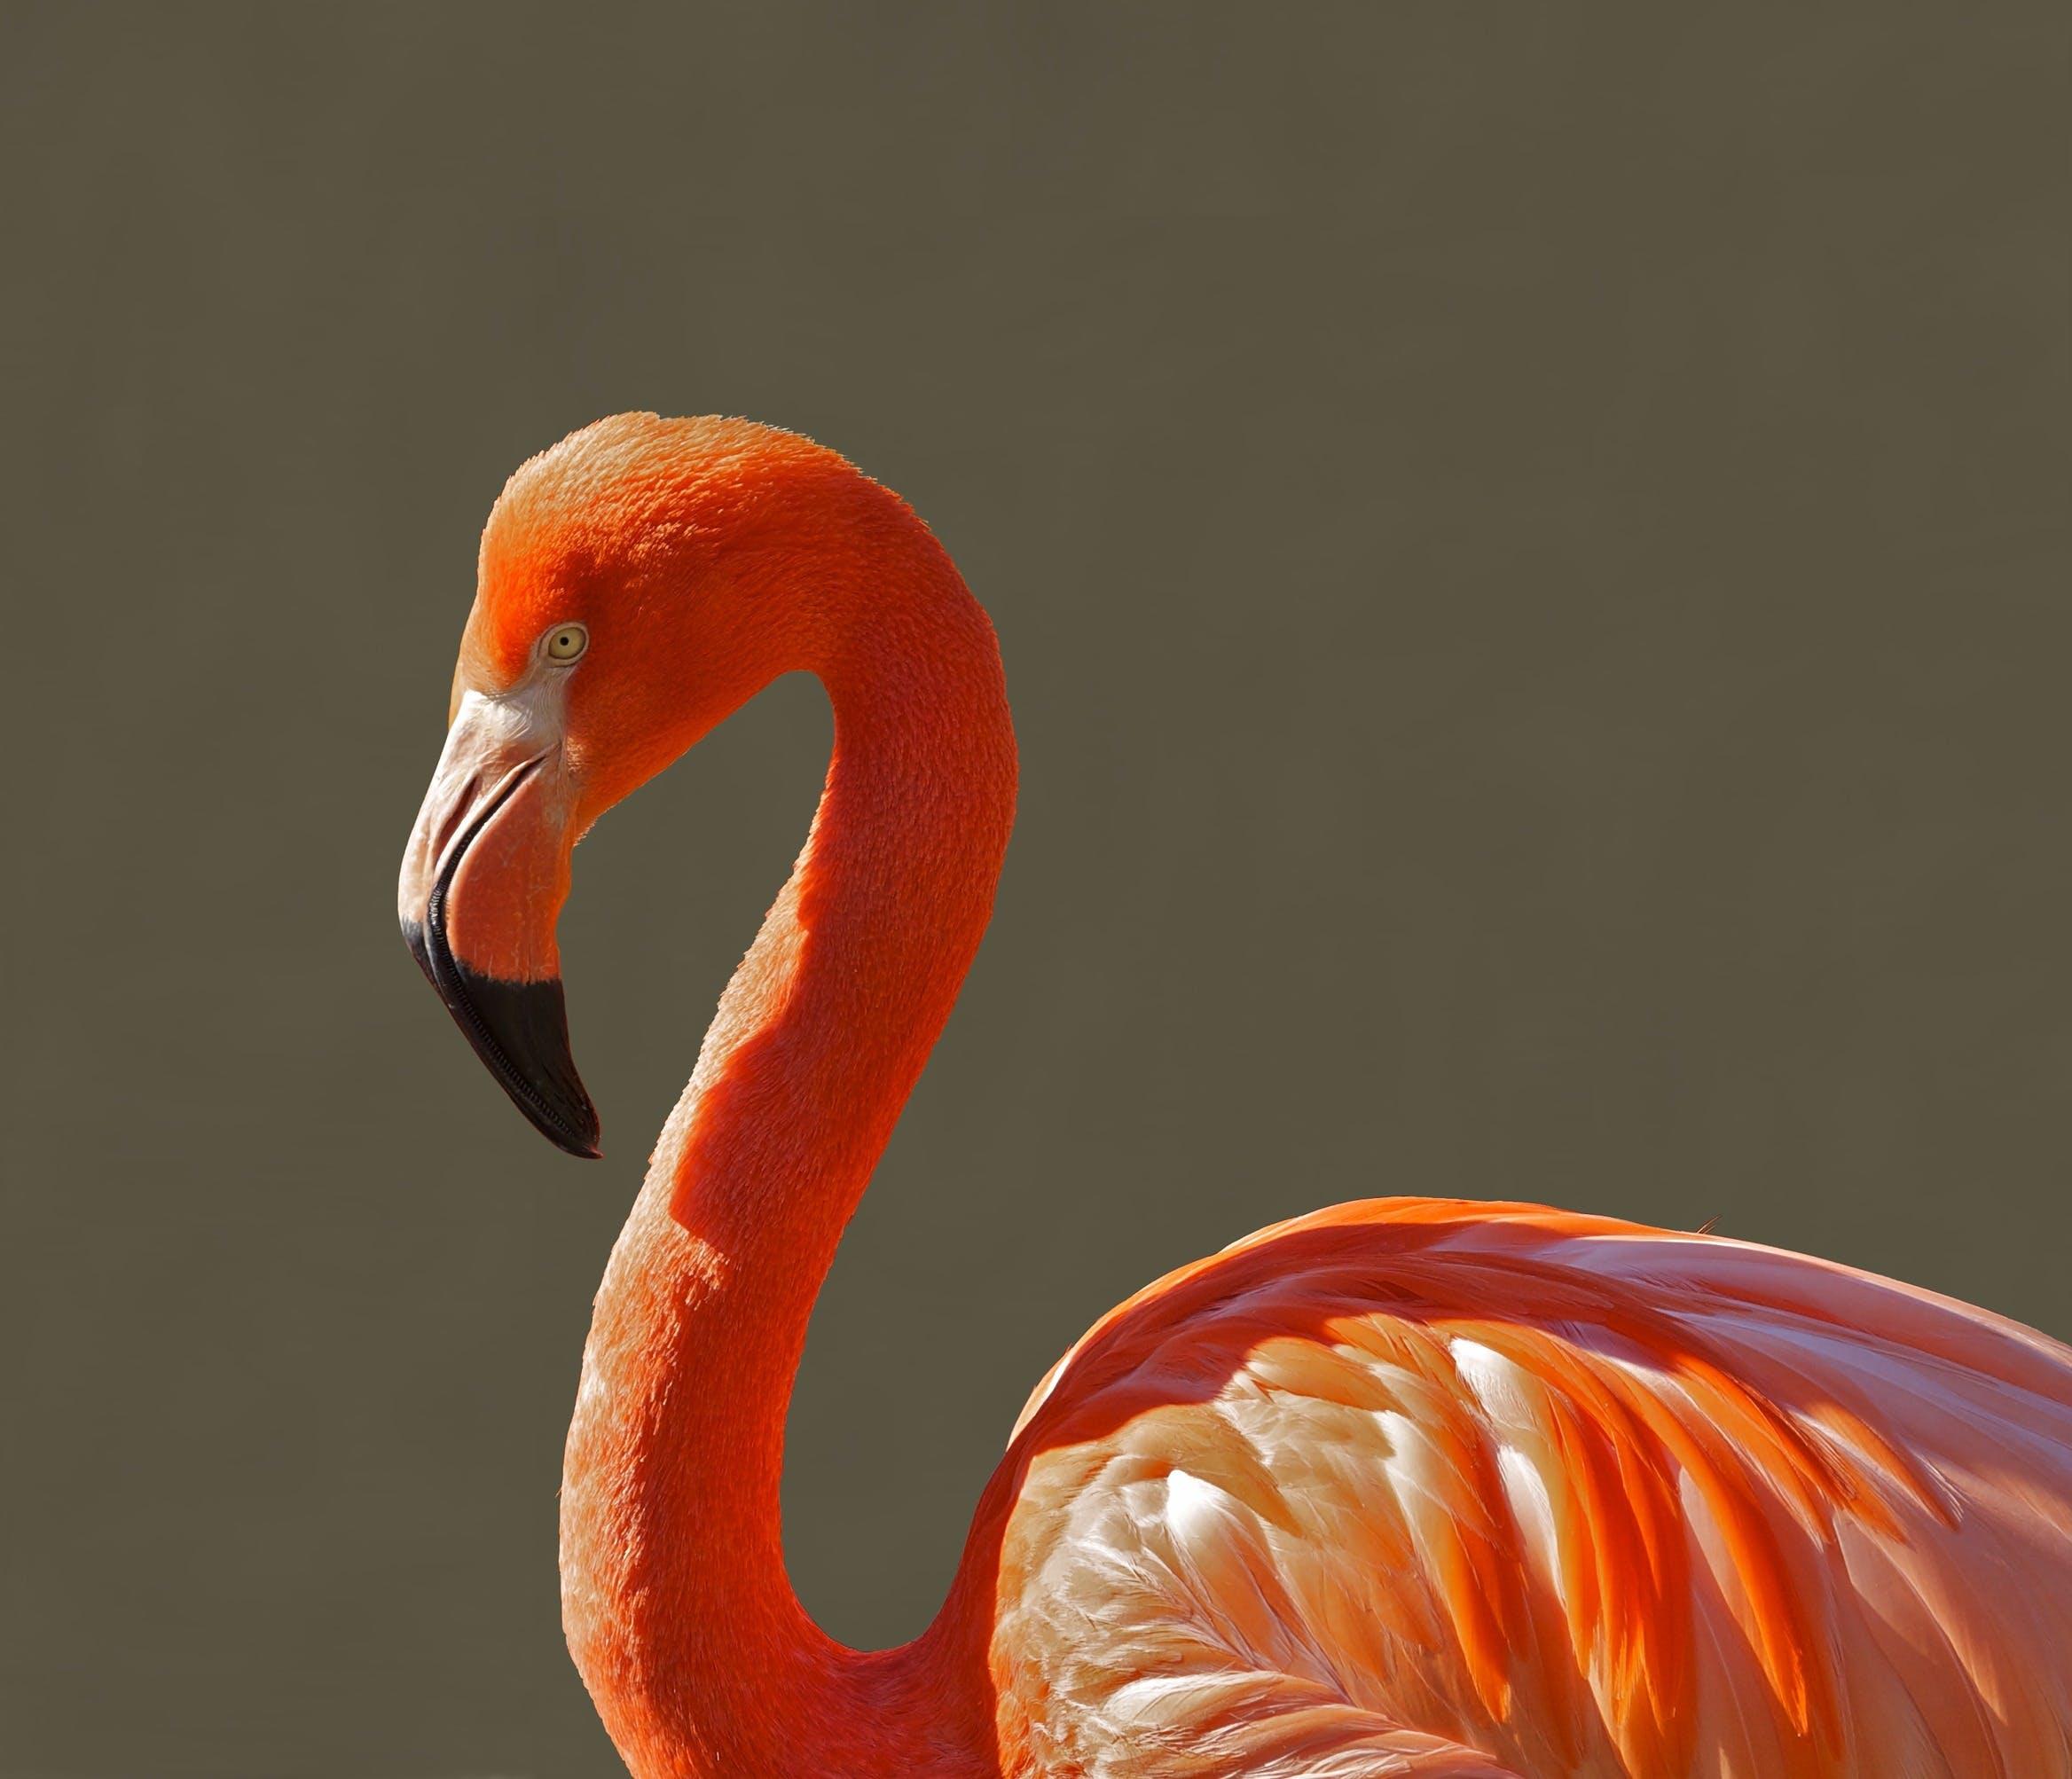 Orange Bird during Day Time